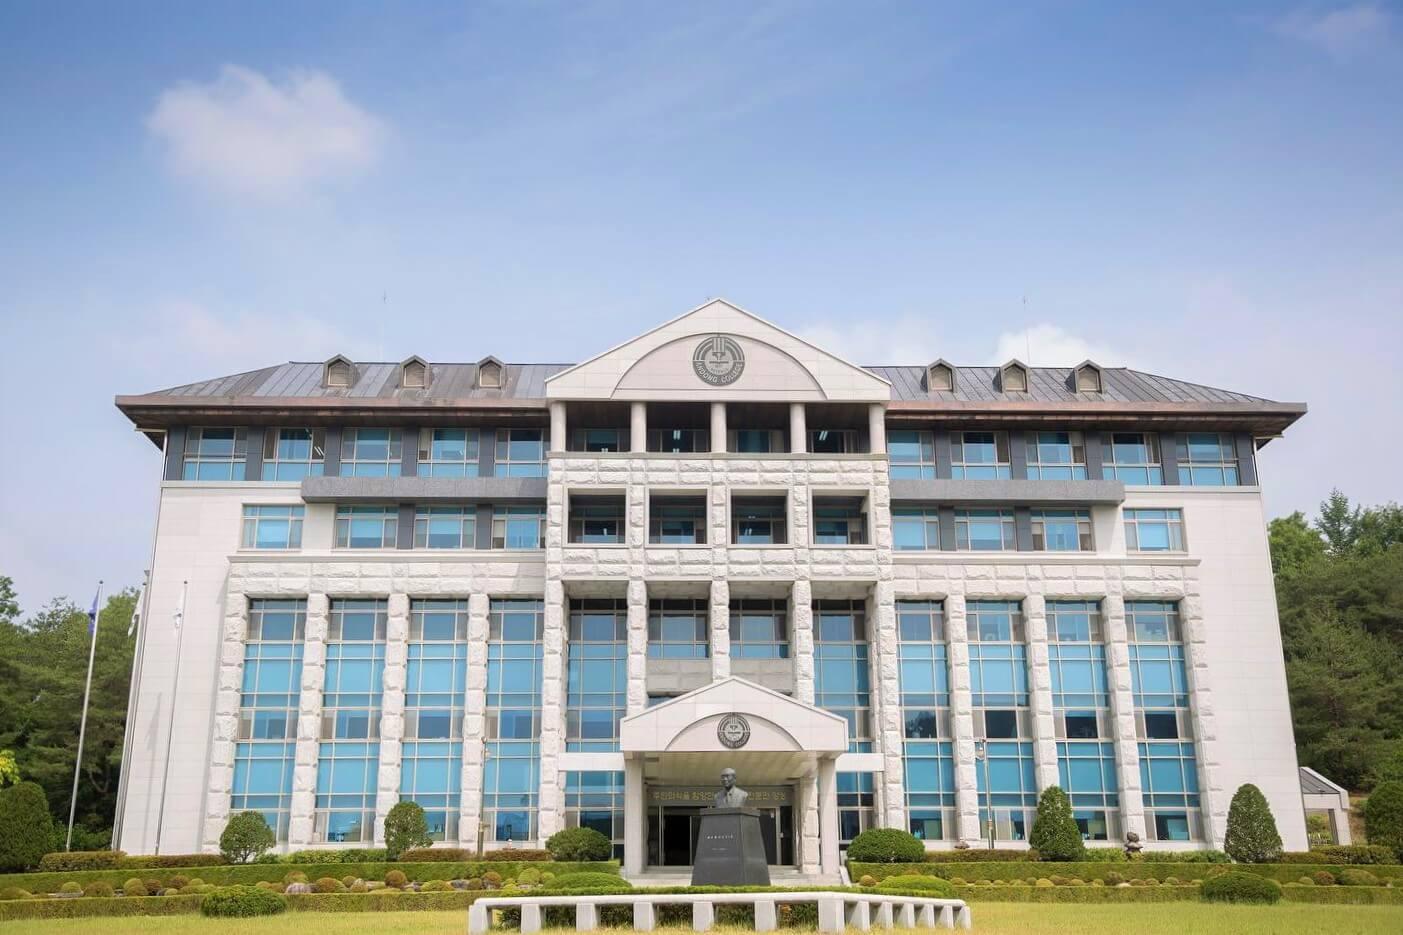 Cao Đẳng Khoa Học Andong - Trường Đào Tạo Điều Dưỡng Uy Tín Tại Andong